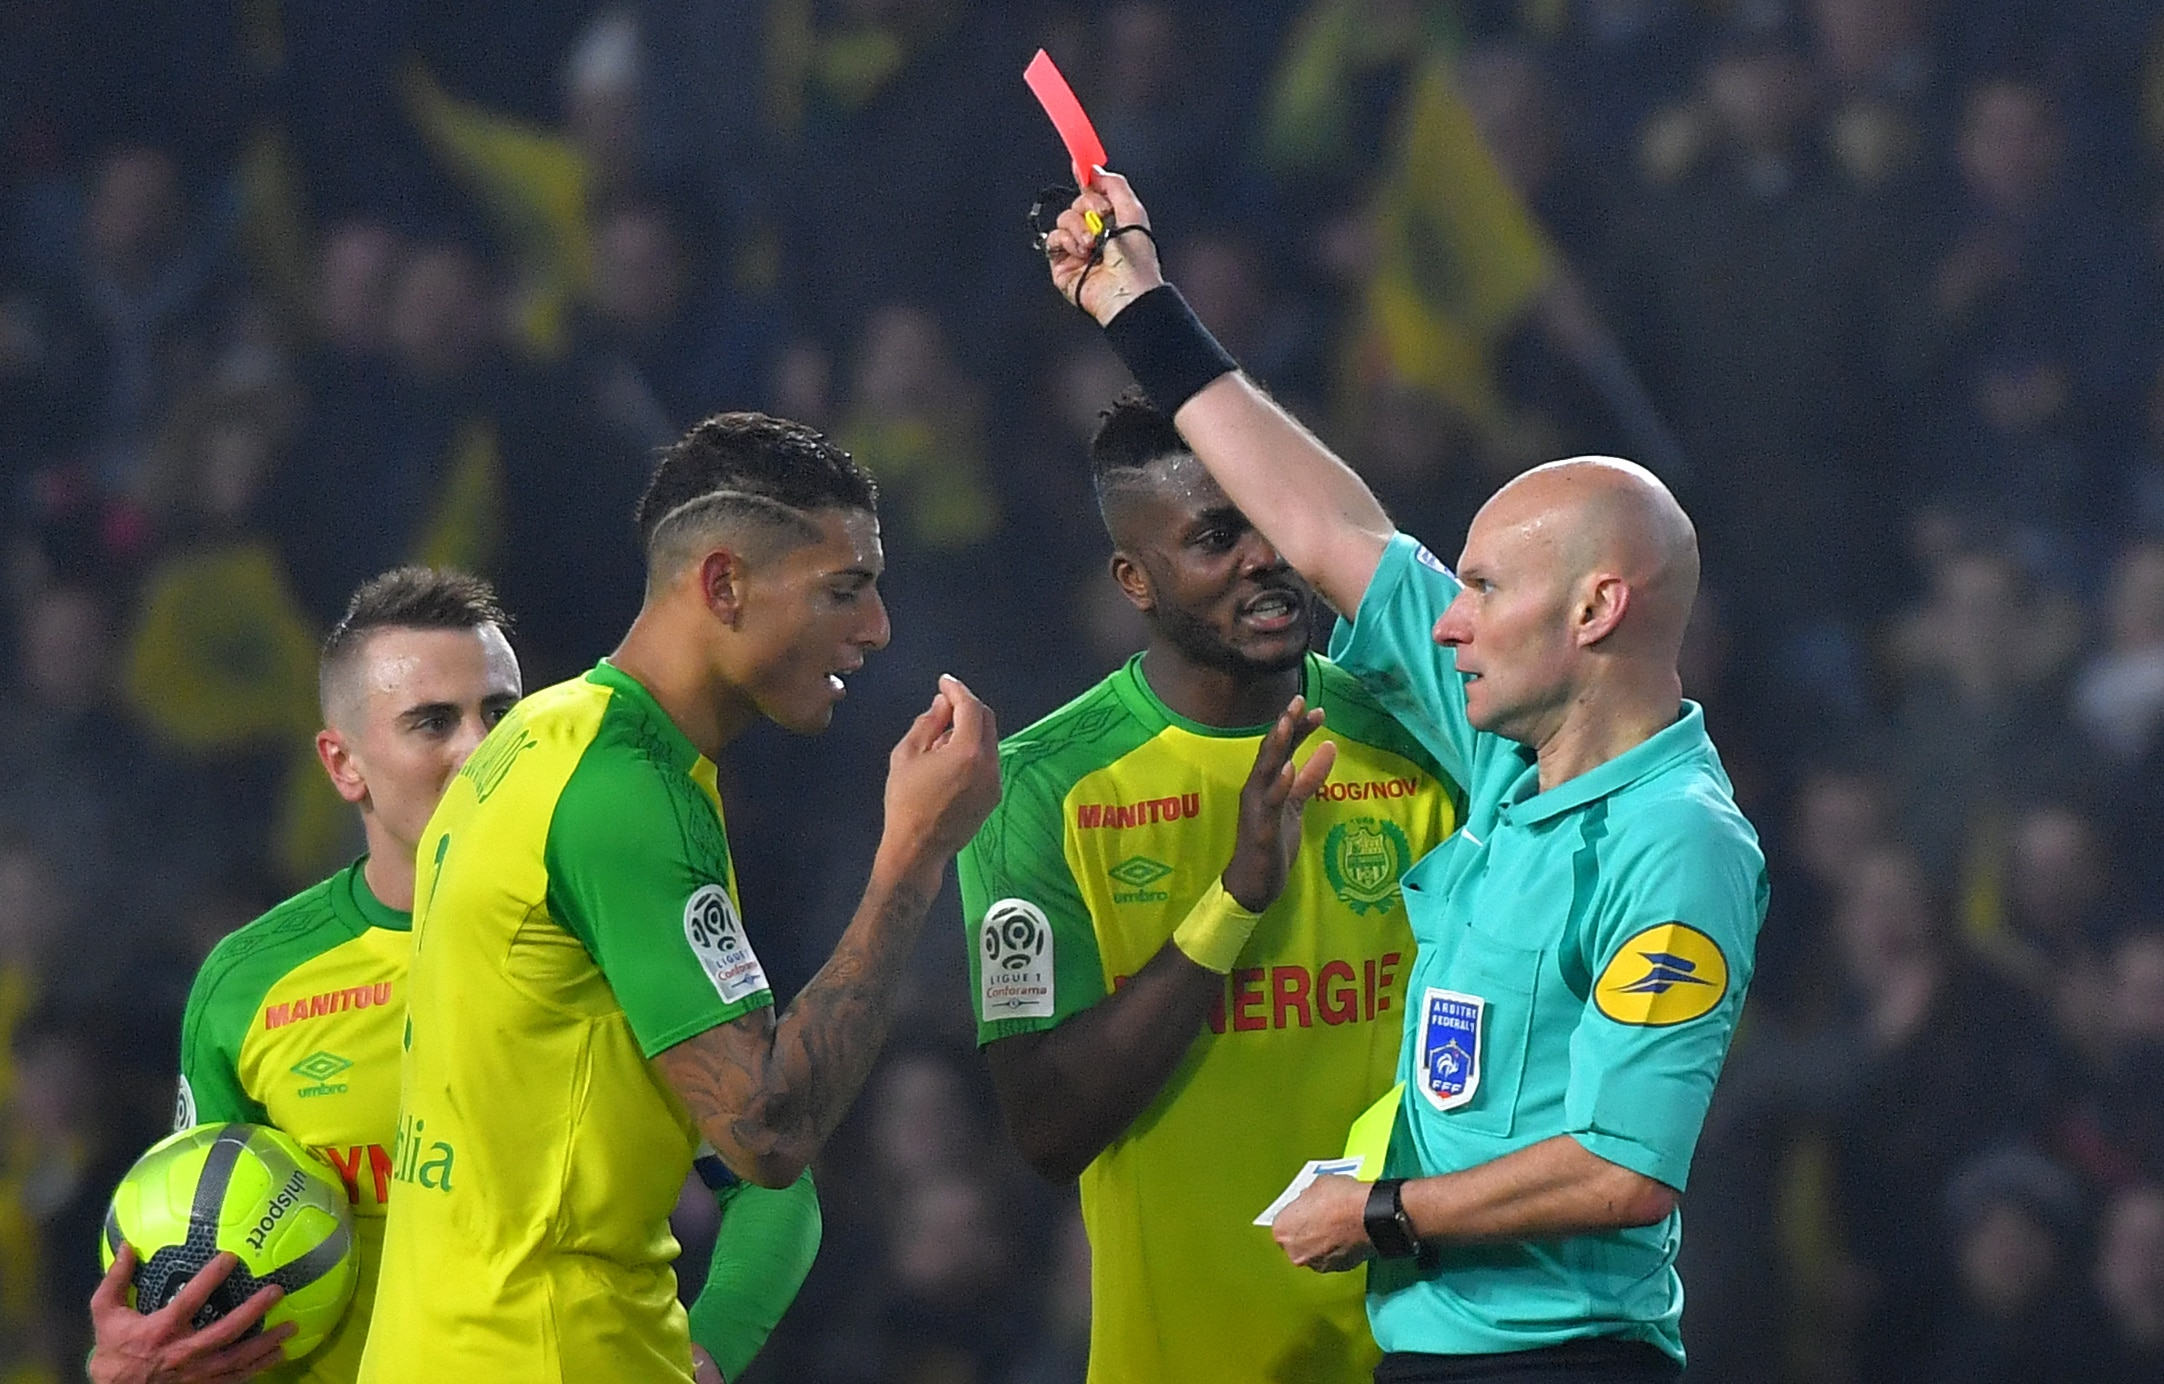 Fallo di reazione dell'arbitro Chapron in Nantes-Psg